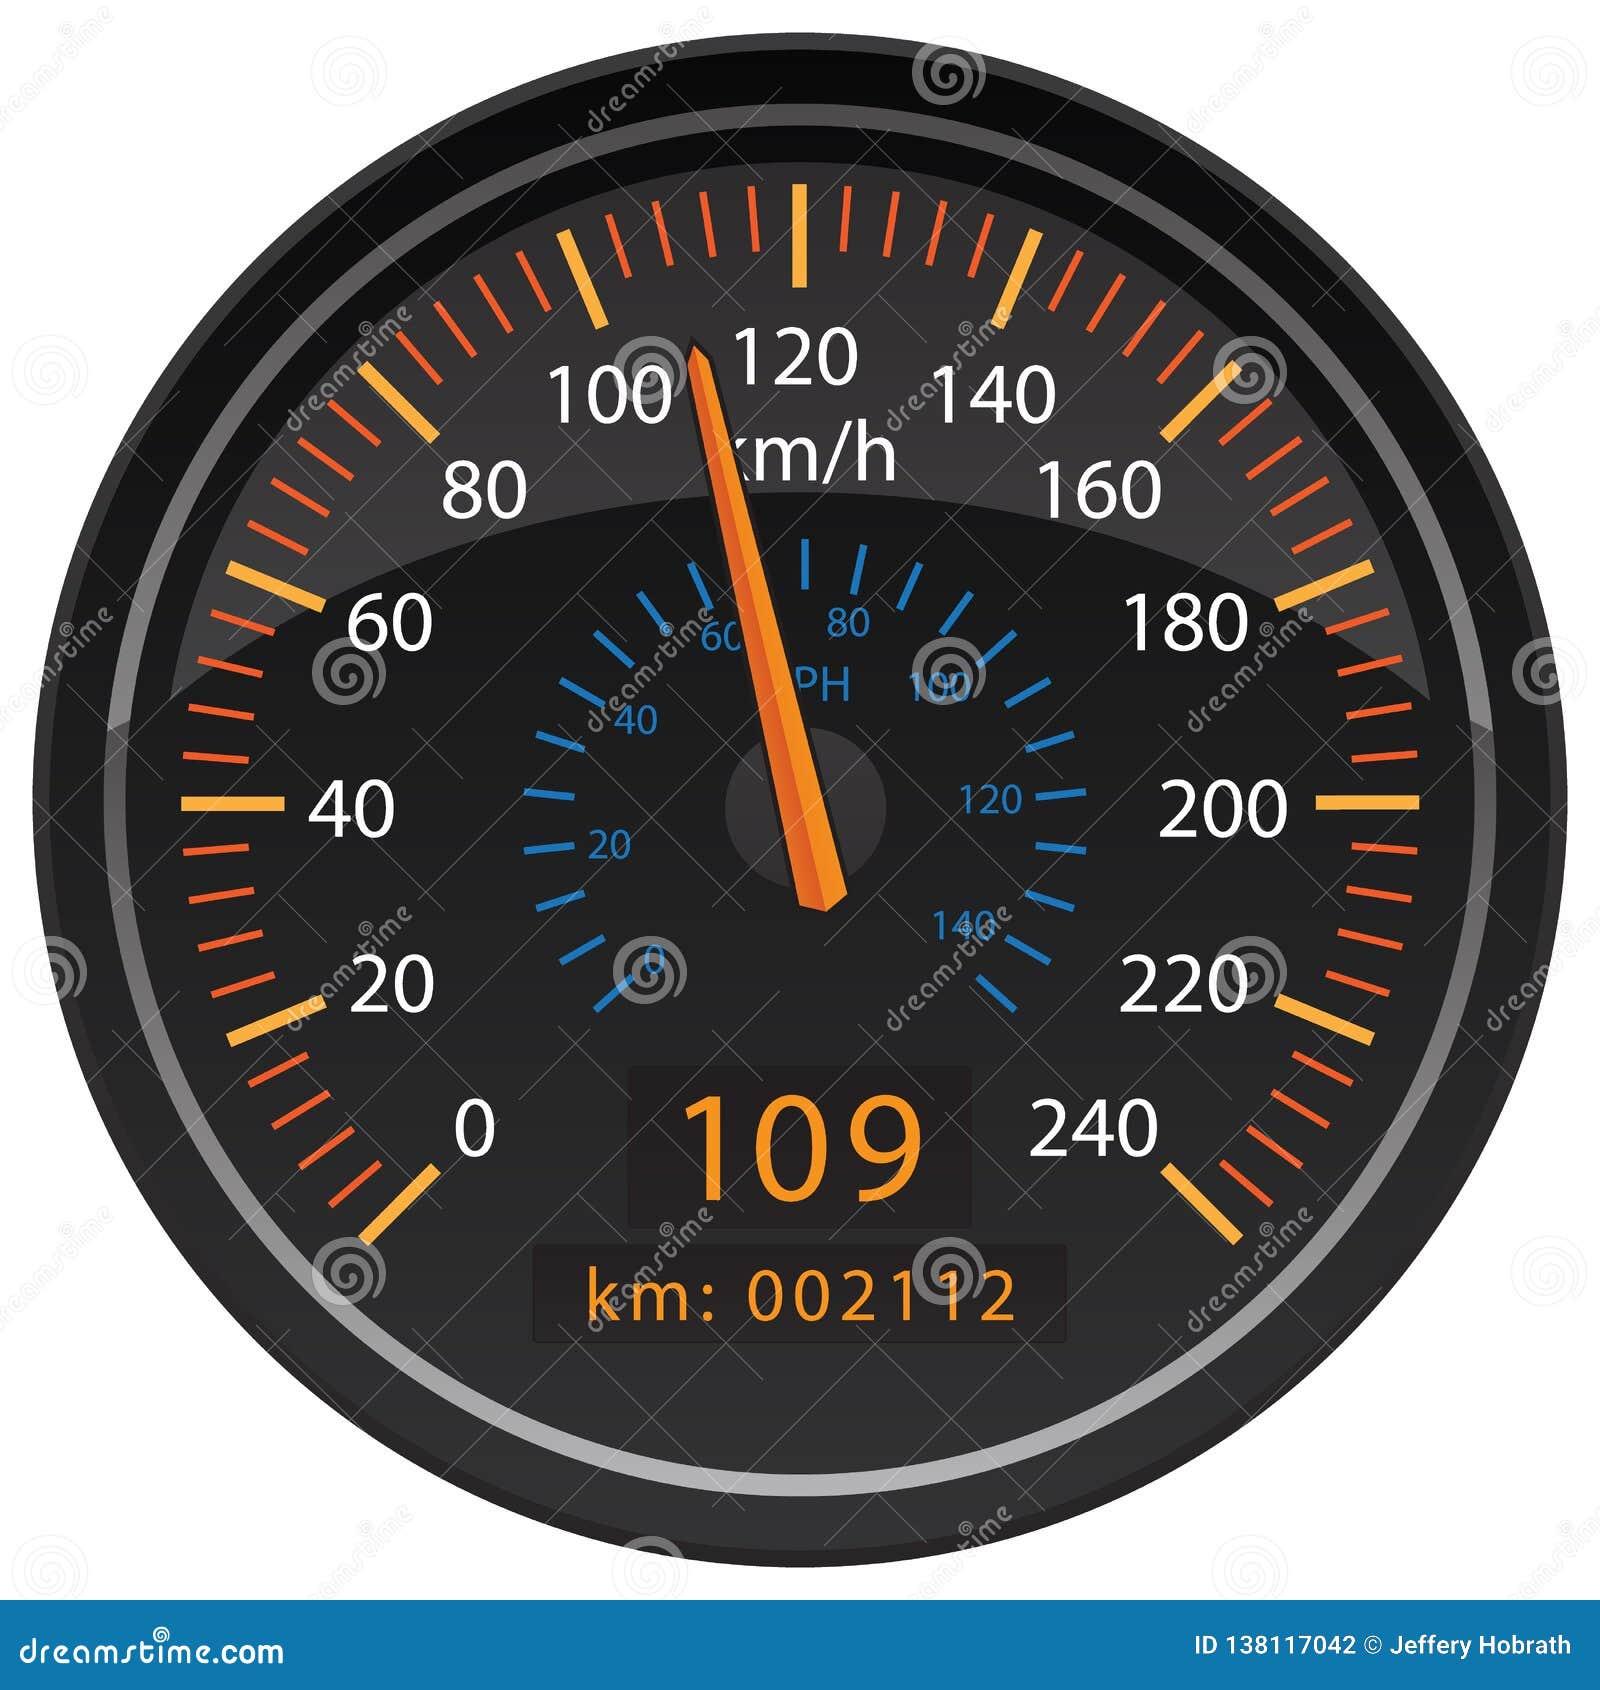 Τα χιλιόμετρα KMH ανά αυτοκίνητο ταμπλό οδομέτρων ταχυμέτρων ώρας μετρούν τη διανυσματική απεικόνιση